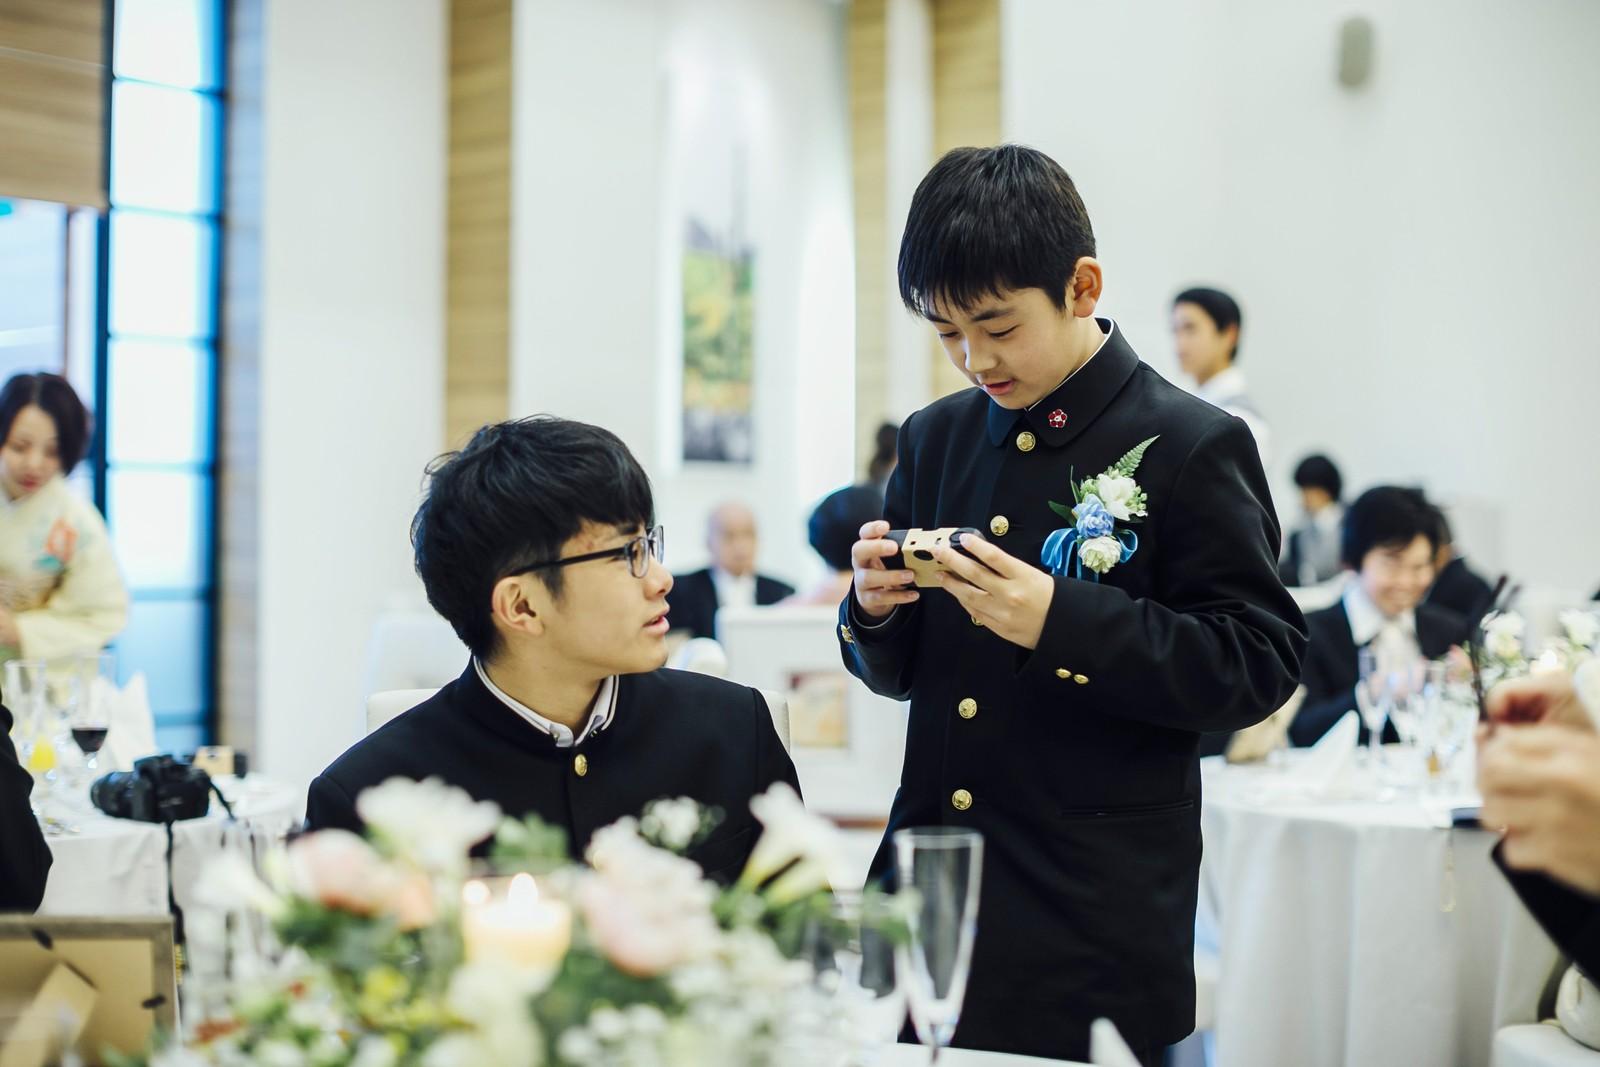 香川県の結婚式場シェルエメール&アイスタイルの子どもカメラマン